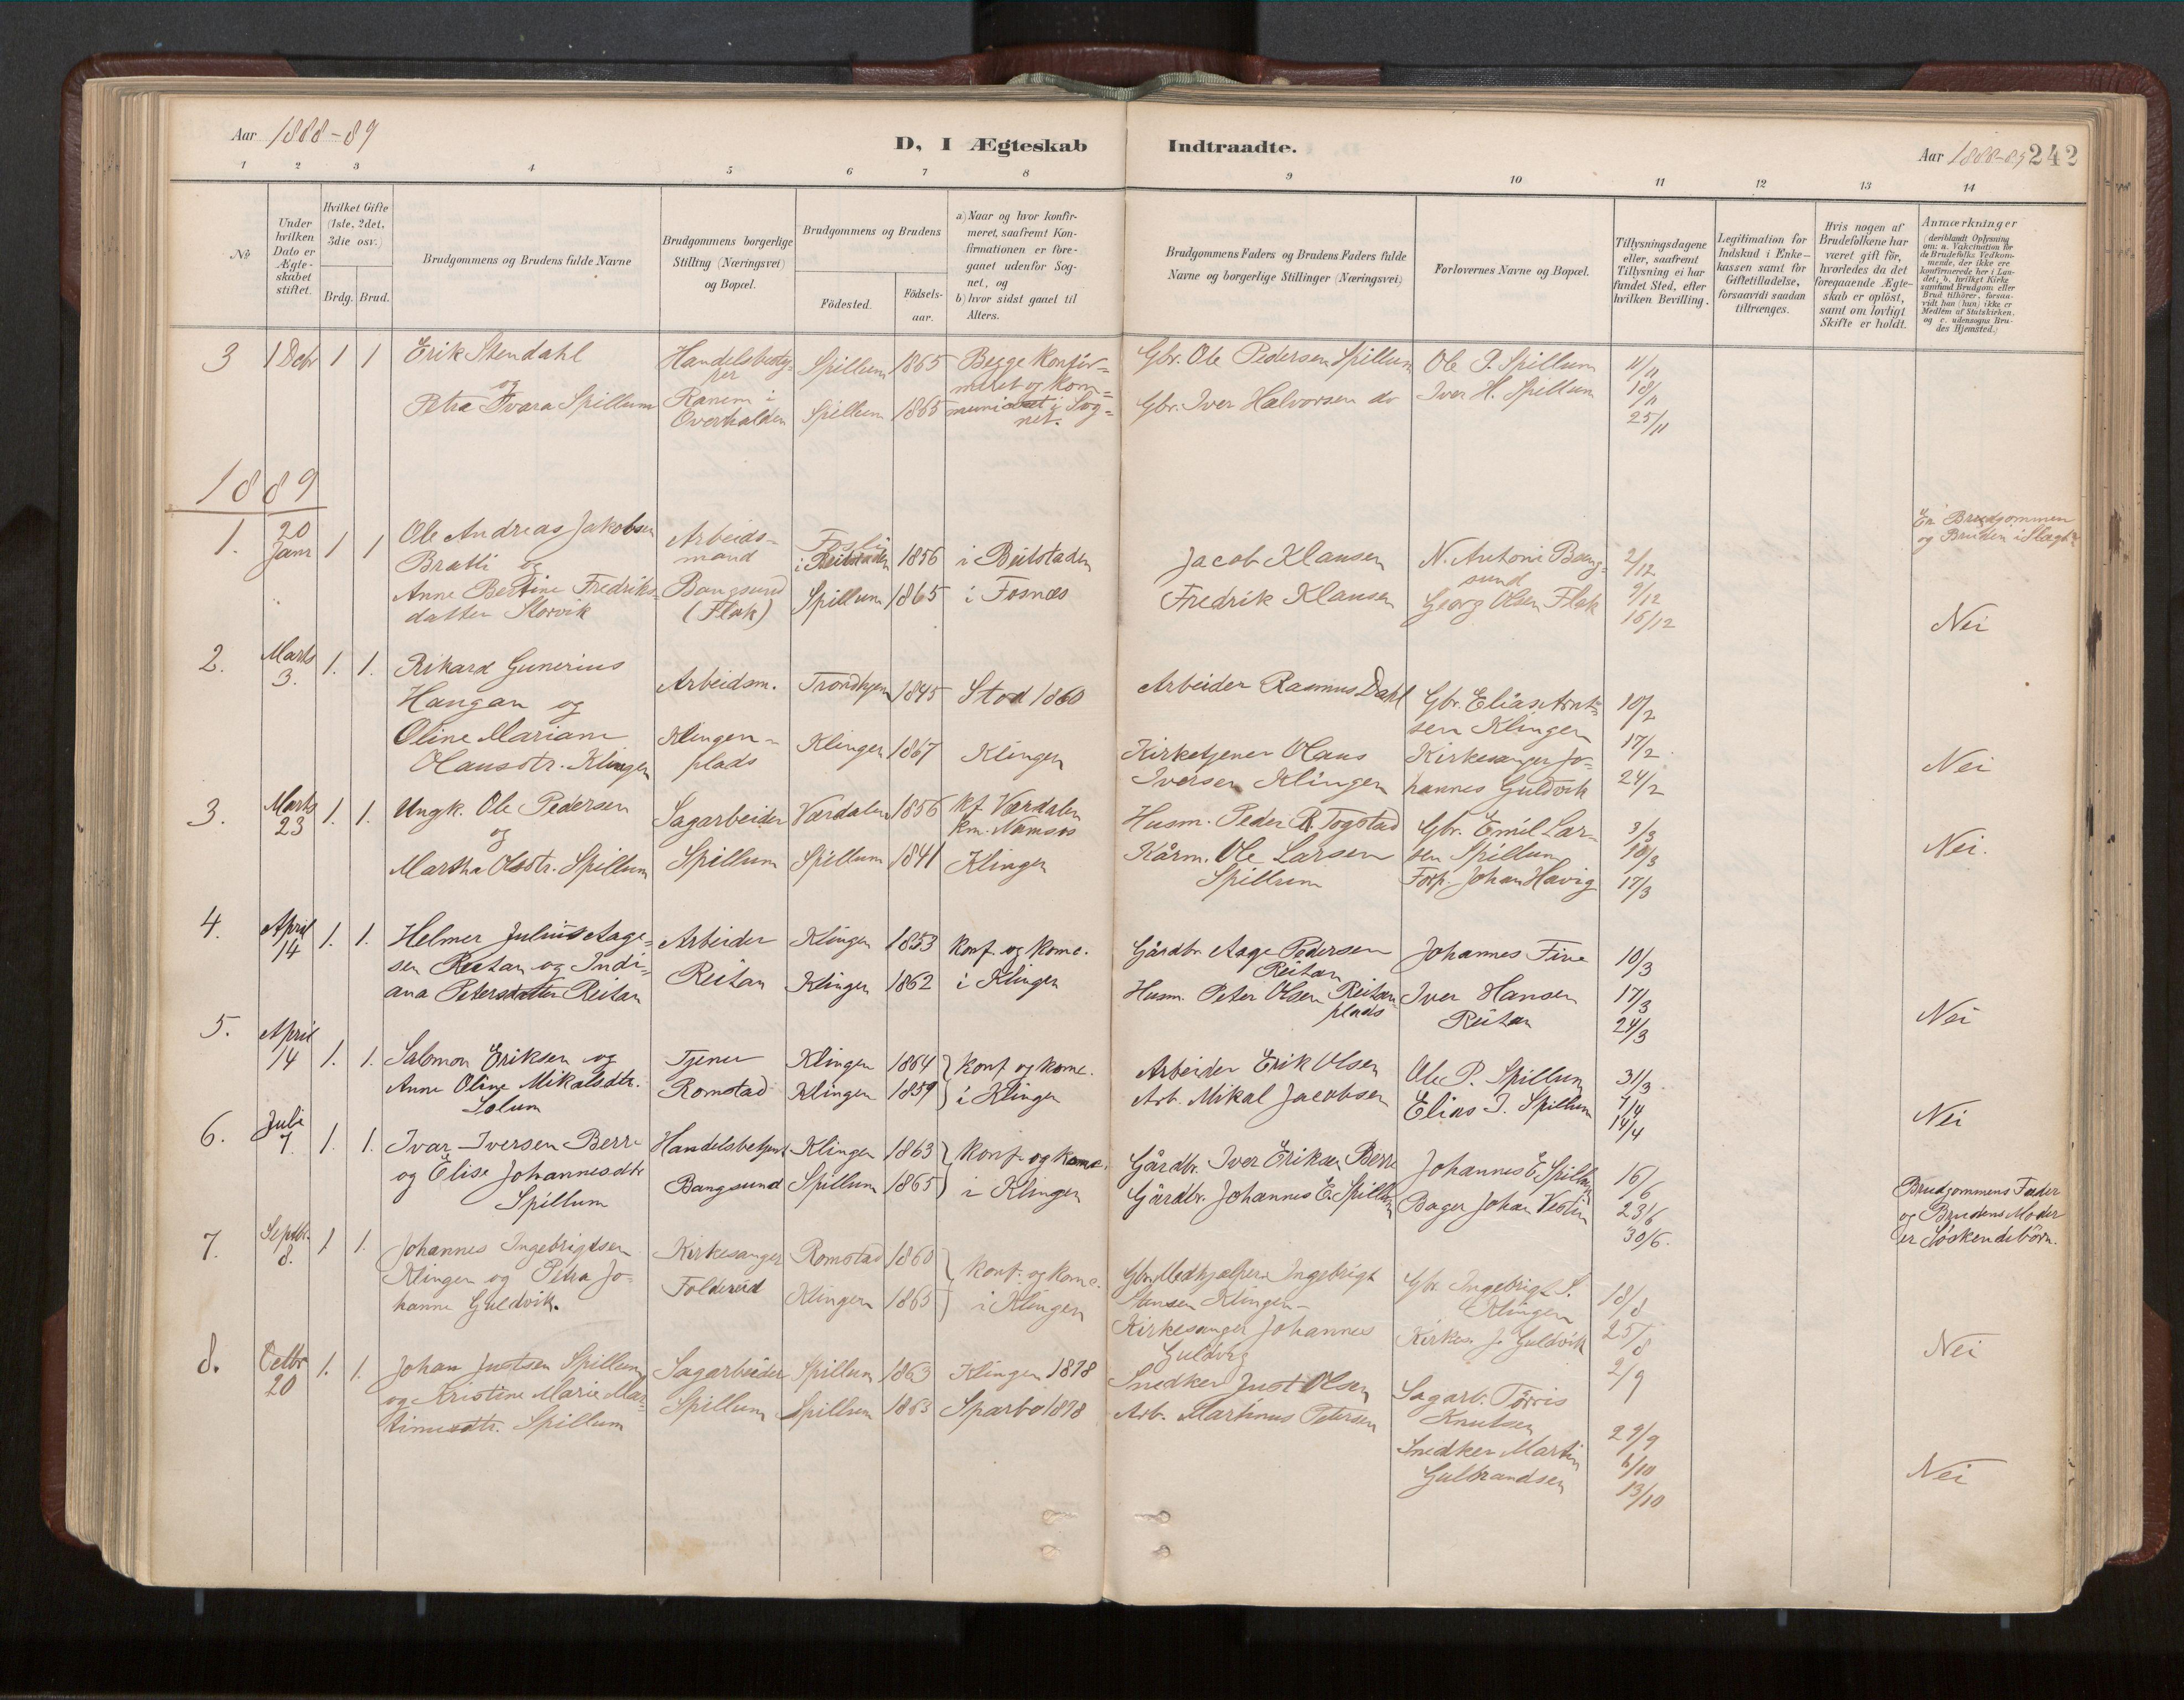 SAT, Ministerialprotokoller, klokkerbøker og fødselsregistre - Nord-Trøndelag, 770/L0589: Ministerialbok nr. 770A03, 1887-1929, s. 242